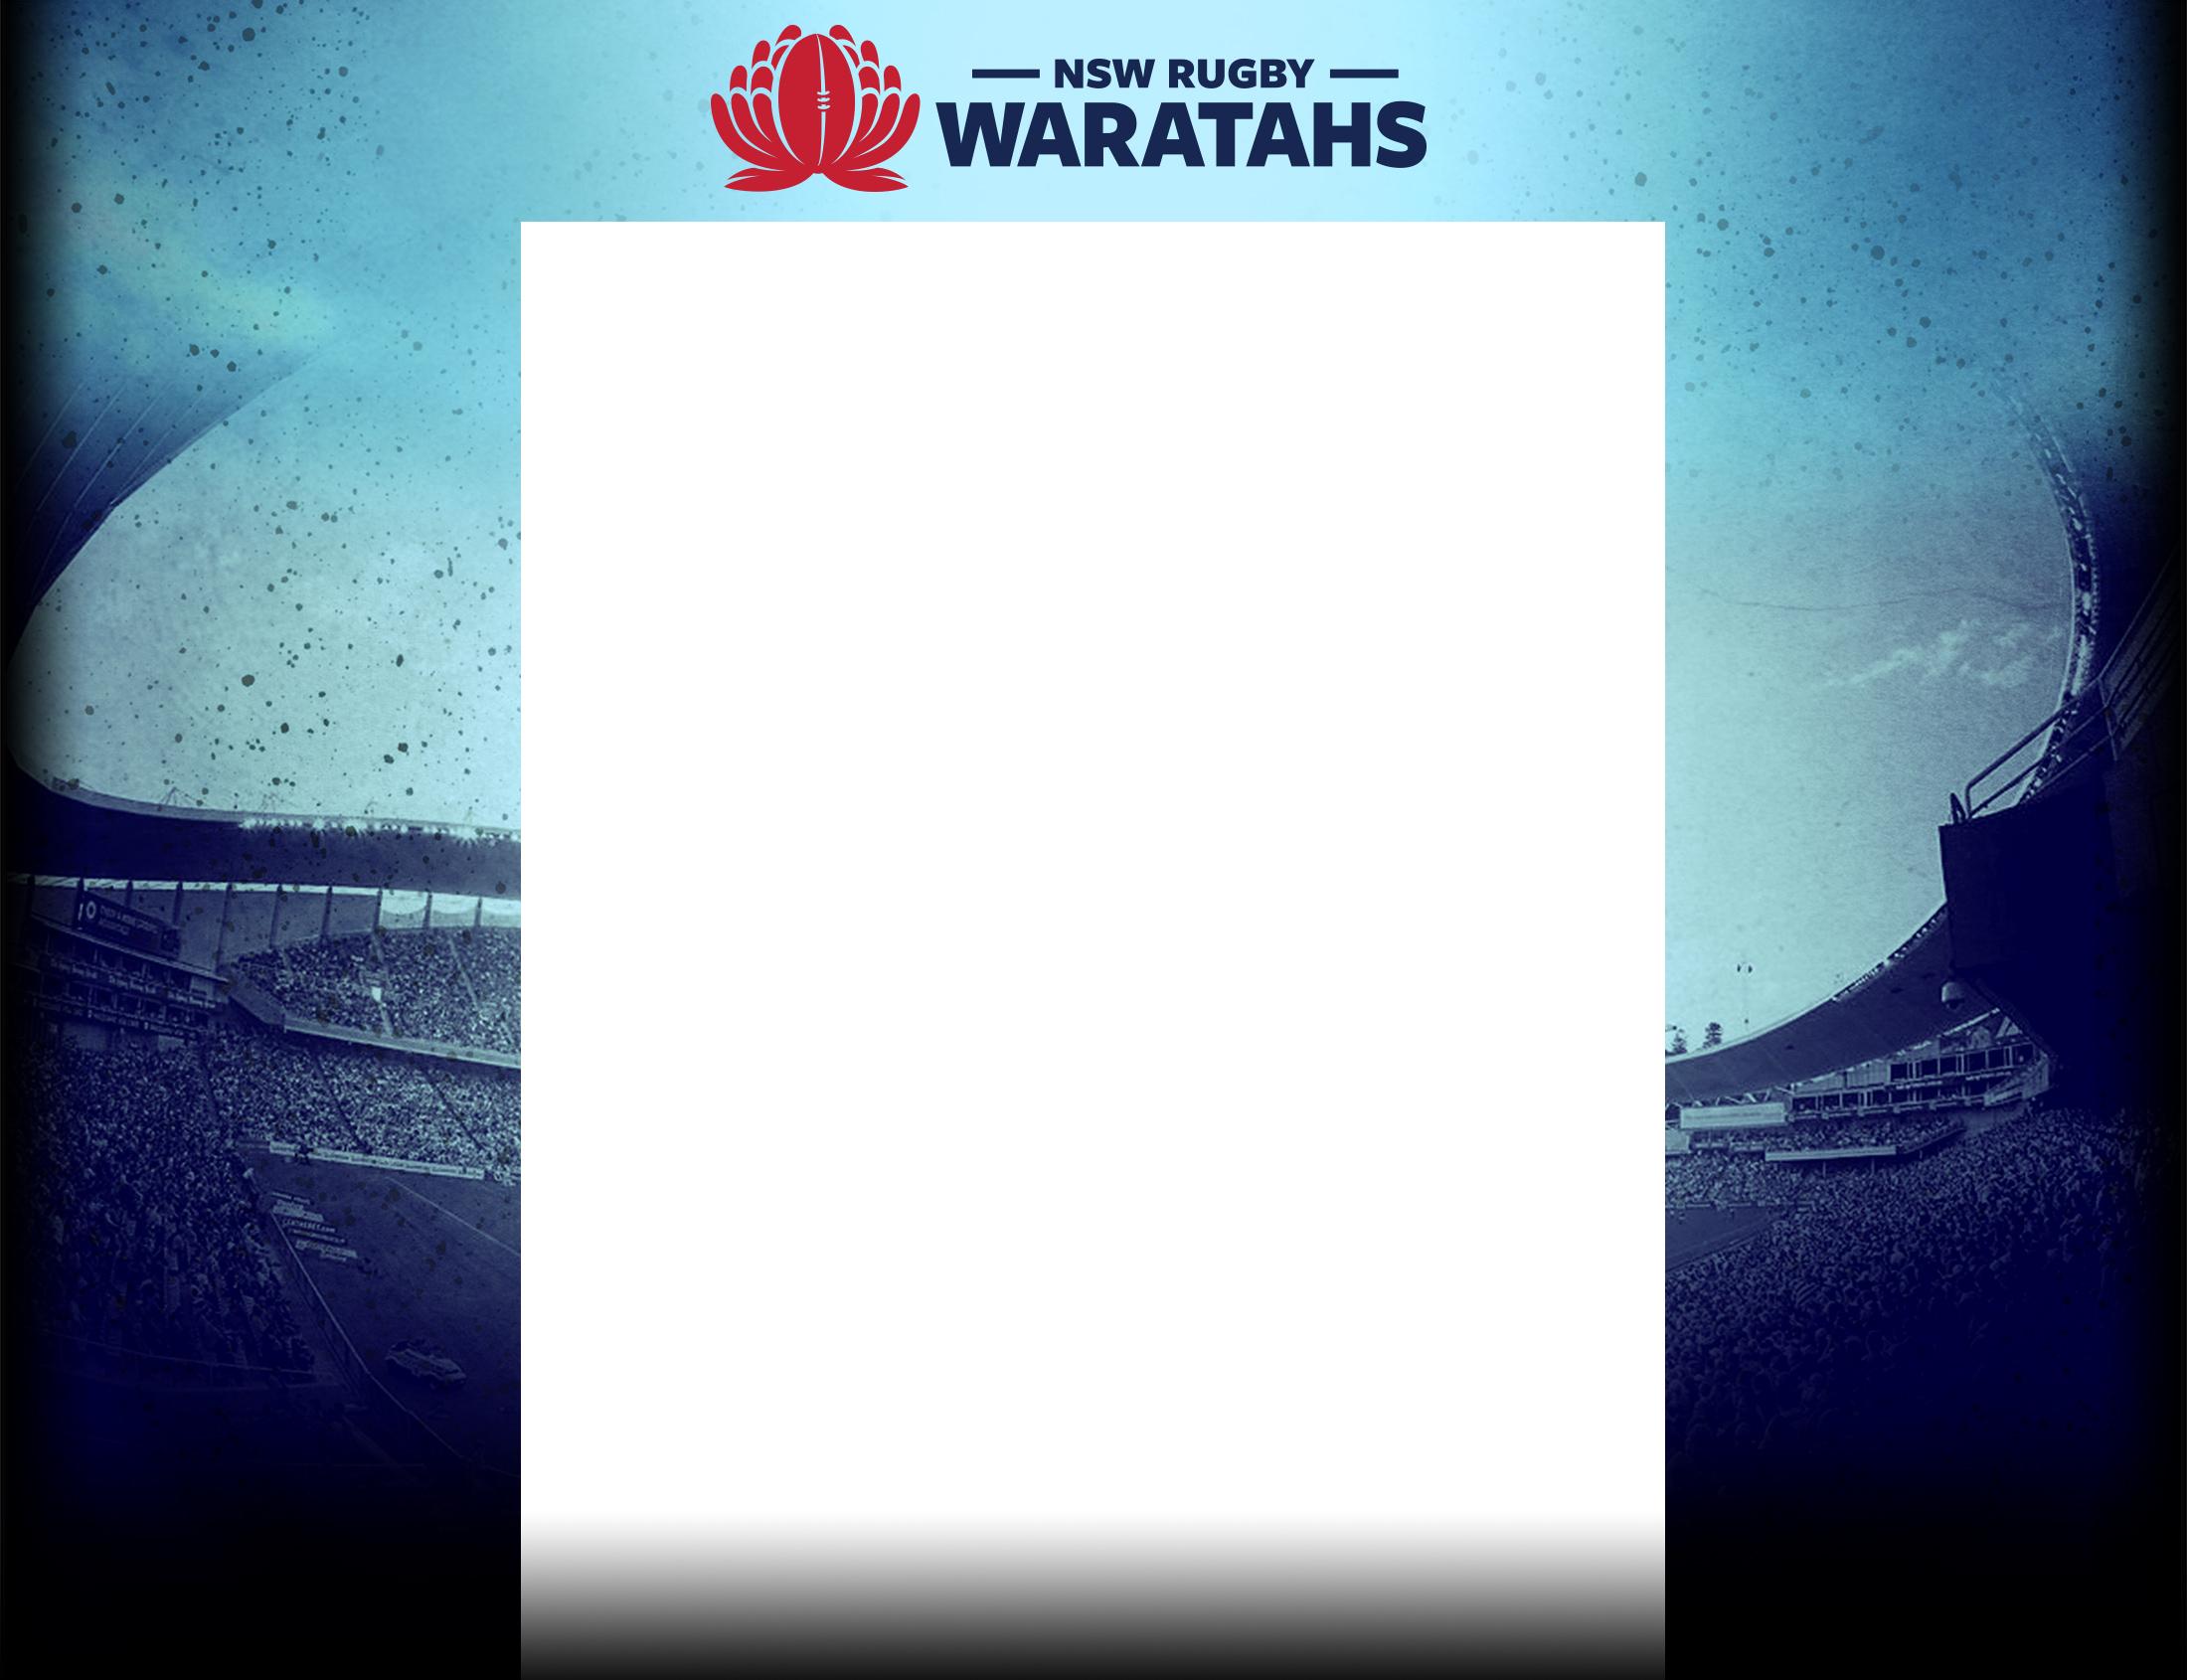 waratahs-2017-background.jpg